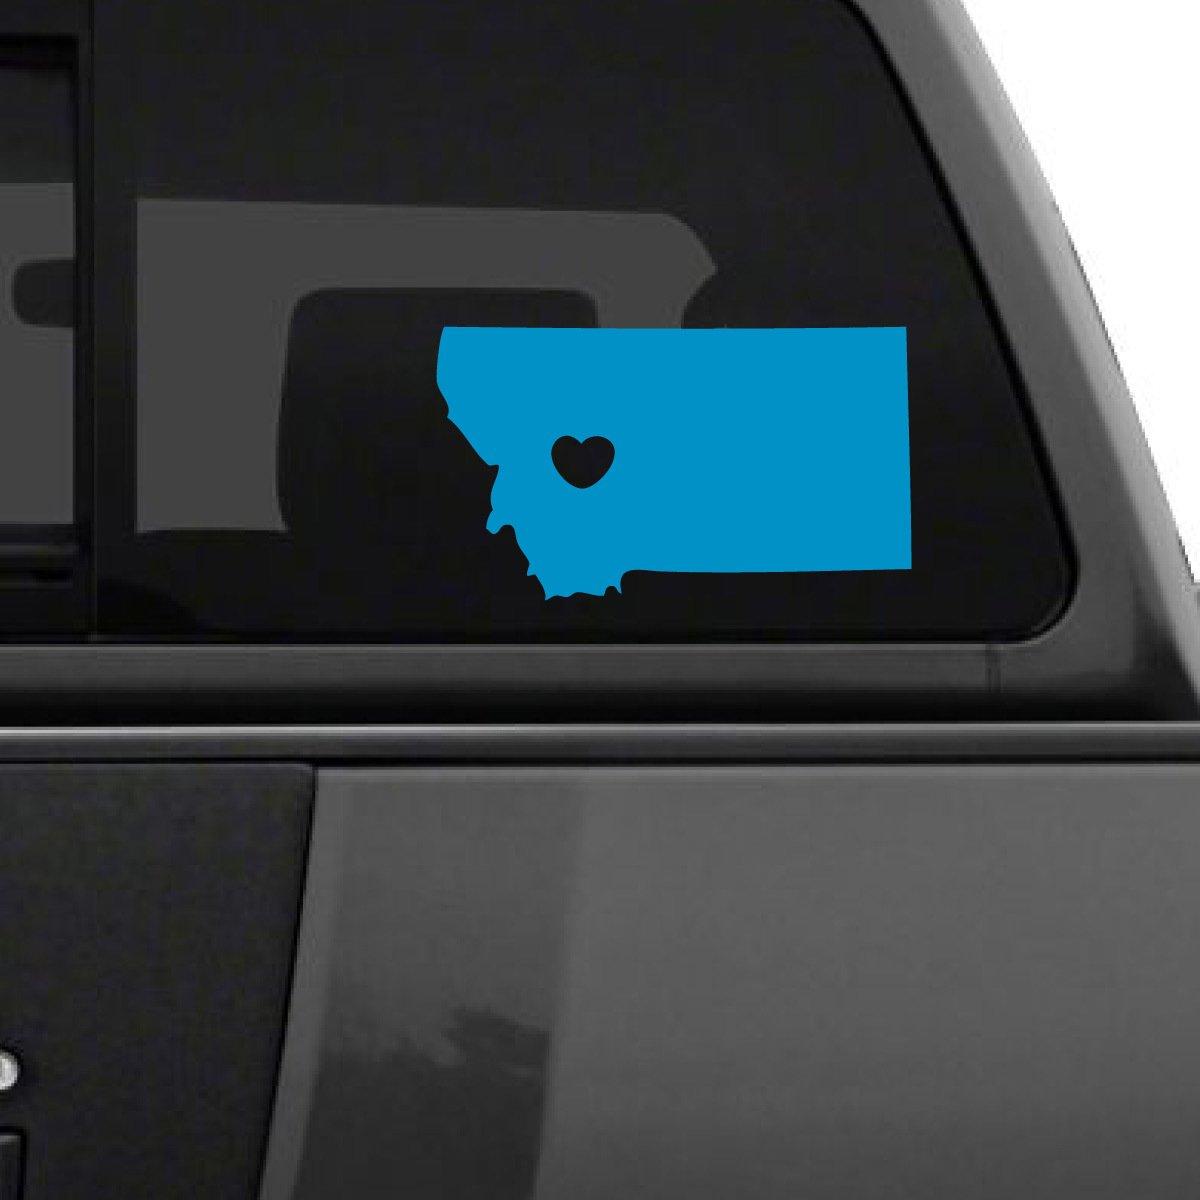 大人気定番商品 I Love Montana車デカール、Die B07235MV5V Cut 6\ Vinyl Decal for Windows車 Cut、トラック、ツールボックス、ノートパソコン、ほぼすべてmacbook-ハード、滑らかな表面 6